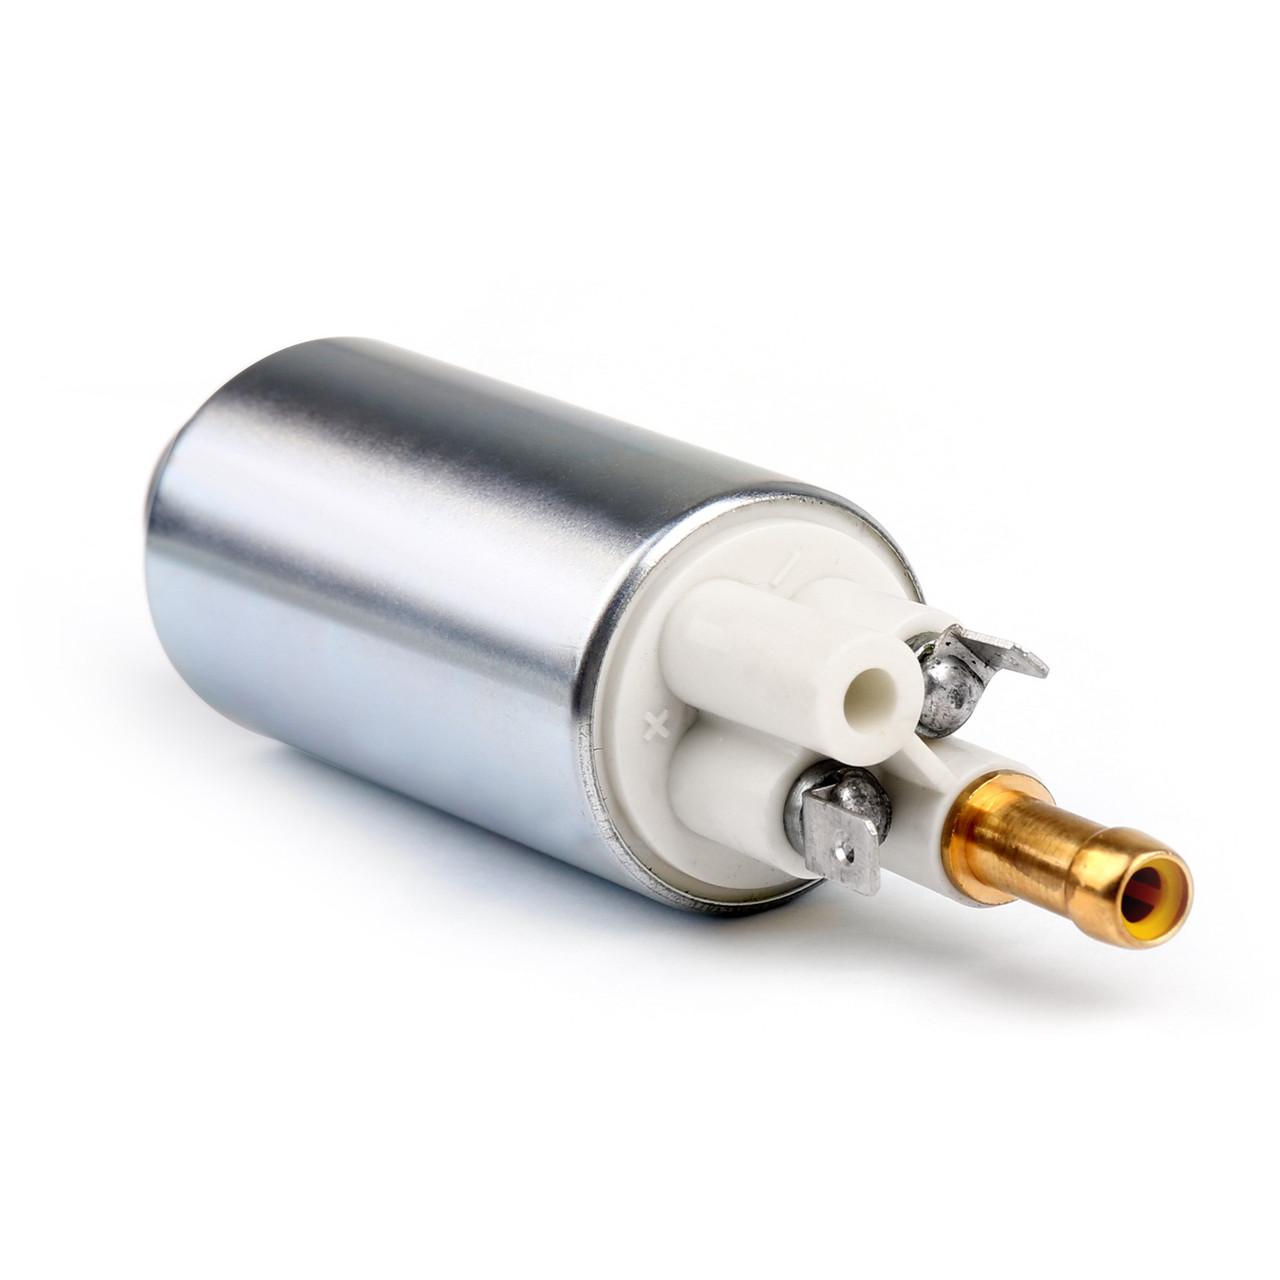 Fuel Pump For Buell S3 S3T 1200 97-99 XB12R 04-10 TOURING S3 99-00 XB9SX 00-06 XB9SX XB9 03-06 XB9R 02 03 S3 S3T 97-01 XB9SX 03-06 Silver